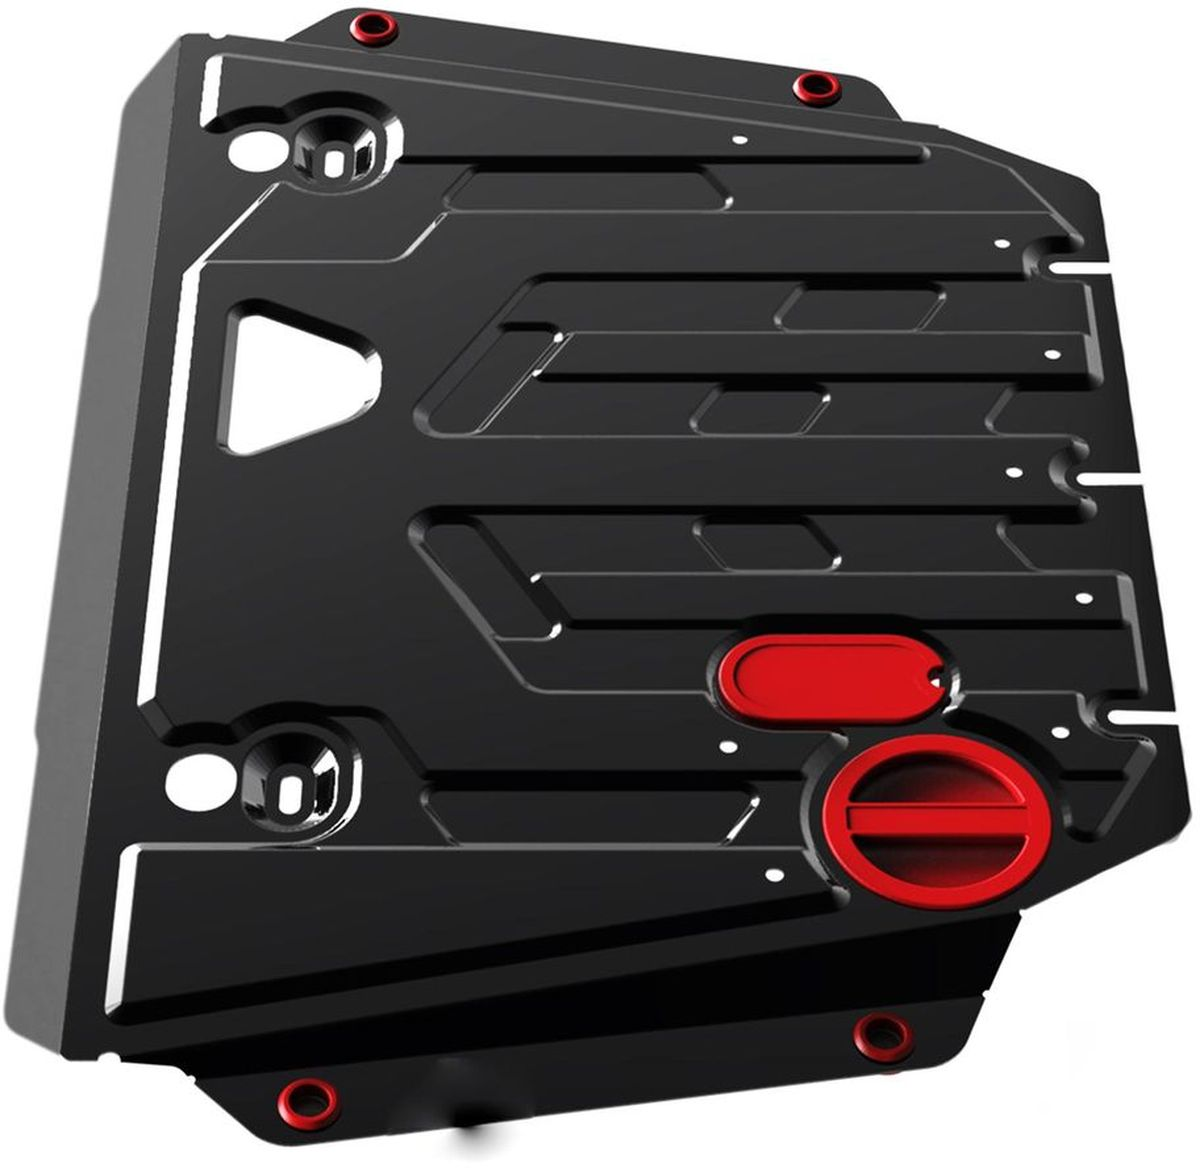 Защита картера и КПП Автоброня Changan CS35 2011-, сталь 2 мм111.08901.1Защита картера и КПП Автоброня Changan CS35, FWD АКП, V - 1,6 2011-, сталь 2 мм, комплект крепежа, 111.08901.1Стальные защиты Автоброня надежно защищают ваш автомобиль от повреждений при наезде на бордюры, выступающие канализационные люки, кромки поврежденного асфальта или при ремонте дорог, не говоря уже о загородных дорогах.- Имеют оптимальное соотношение цена-качество.- Спроектированы с учетом особенностей автомобиля, что делает установку удобной.- Защита устанавливается в штатные места кузова автомобиля.- Является надежной защитой для важных элементов на протяжении долгих лет.- Глубокий штамп дополнительно усиливает конструкцию защиты.- Подштамповка в местах крепления защищает крепеж от срезания.- Технологические отверстия там, где они необходимы для смены масла и слива воды, оборудованные заглушками, закрепленными на защите.Толщина стали 2 мм.В комплекте крепеж и инструкция по установке.Уважаемые клиенты!Обращаем ваше внимание на тот факт, что защита имеет форму, соответствующую модели данного автомобиля. Наличие глубокого штампа и лючков для смены фильтров/масла предусмотрено не на всех защитах. Фото служит для визуального восприятия товара.